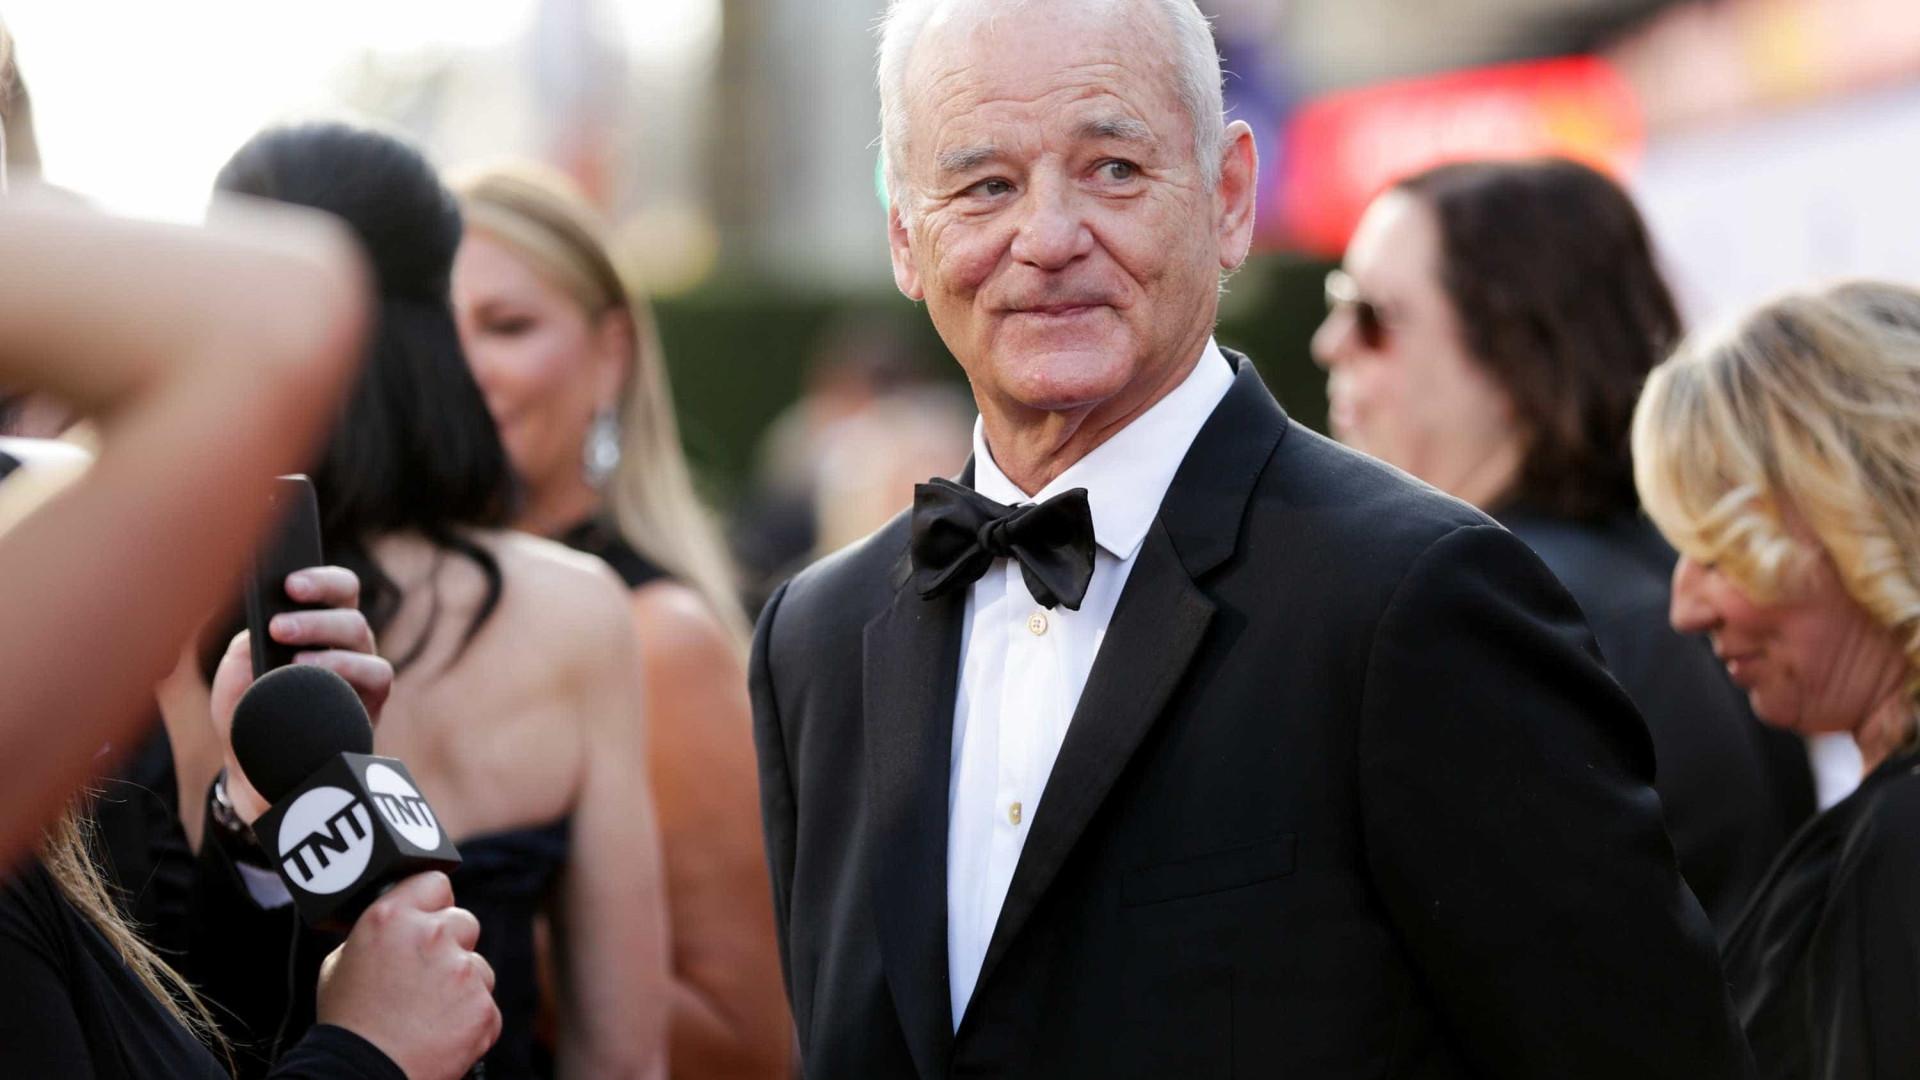 Fotógrafo acusa Bill Murray de tê-lo agredido em restaurante nos EUA